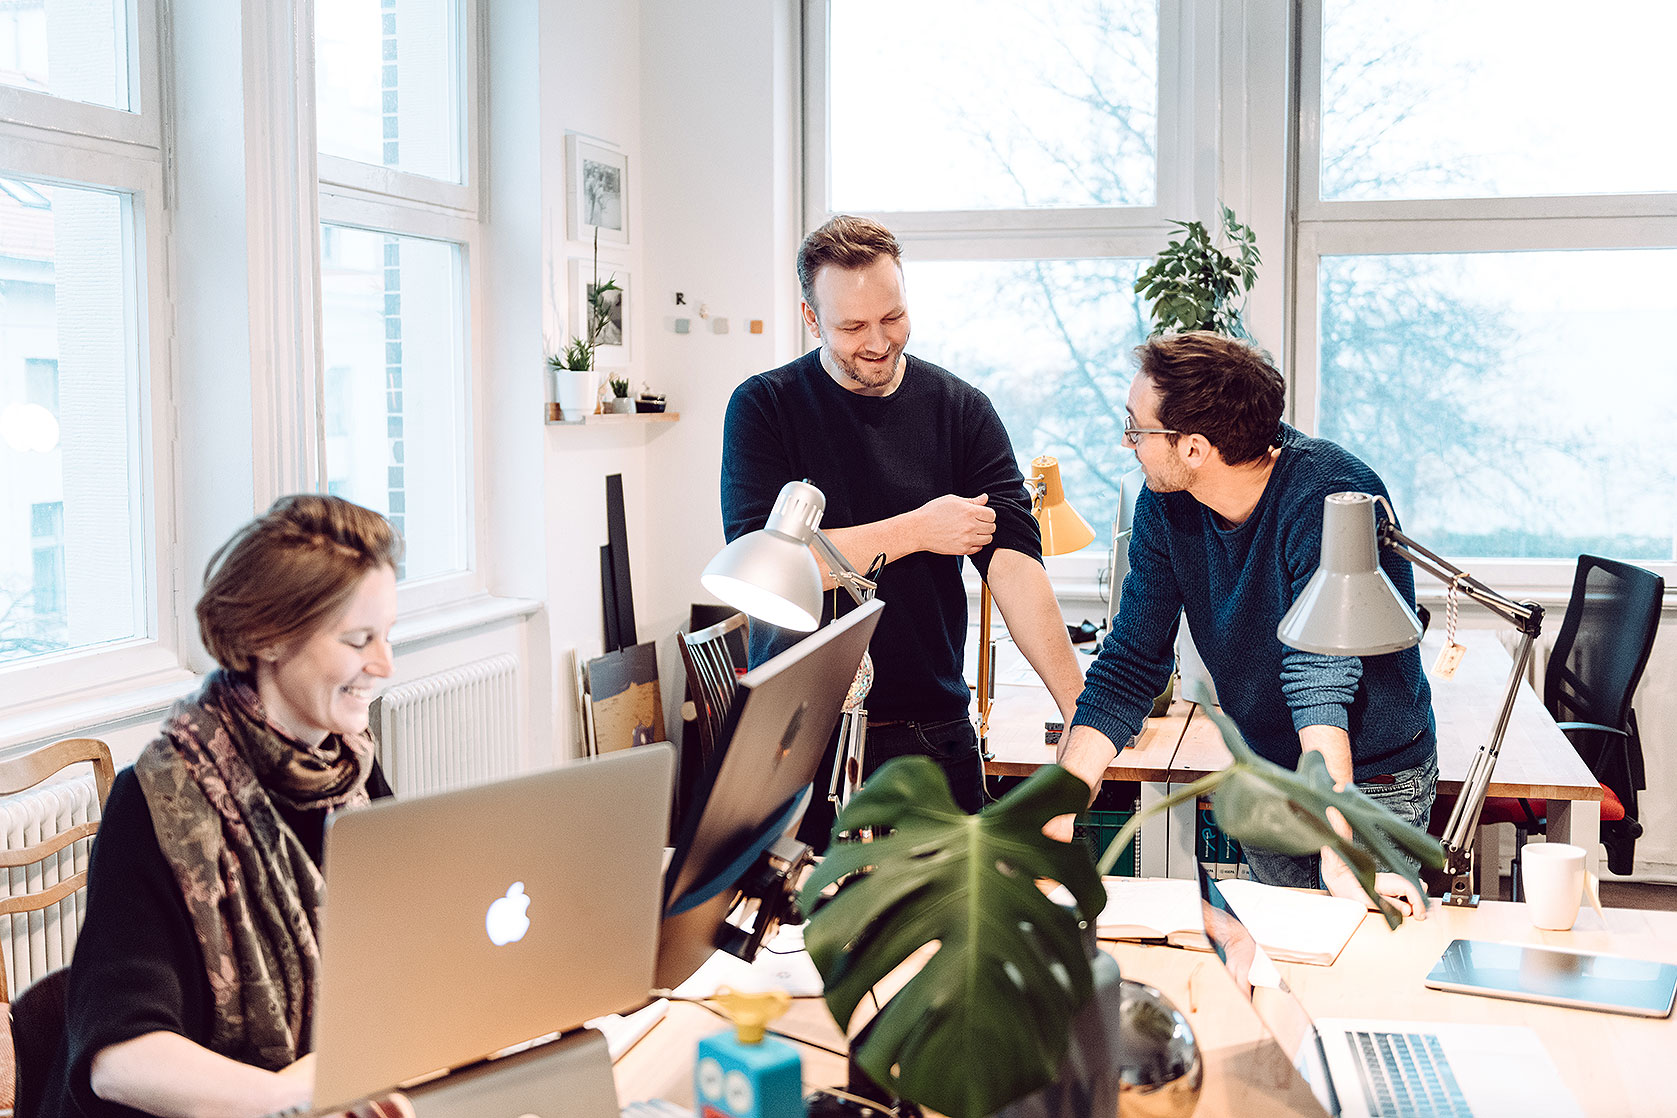 Stefanie Kolb, Jan Joost Verhoef und Markus Günther von Ernst 3000 in ihrem Studio für Design, Illustration und Animation in Berlin